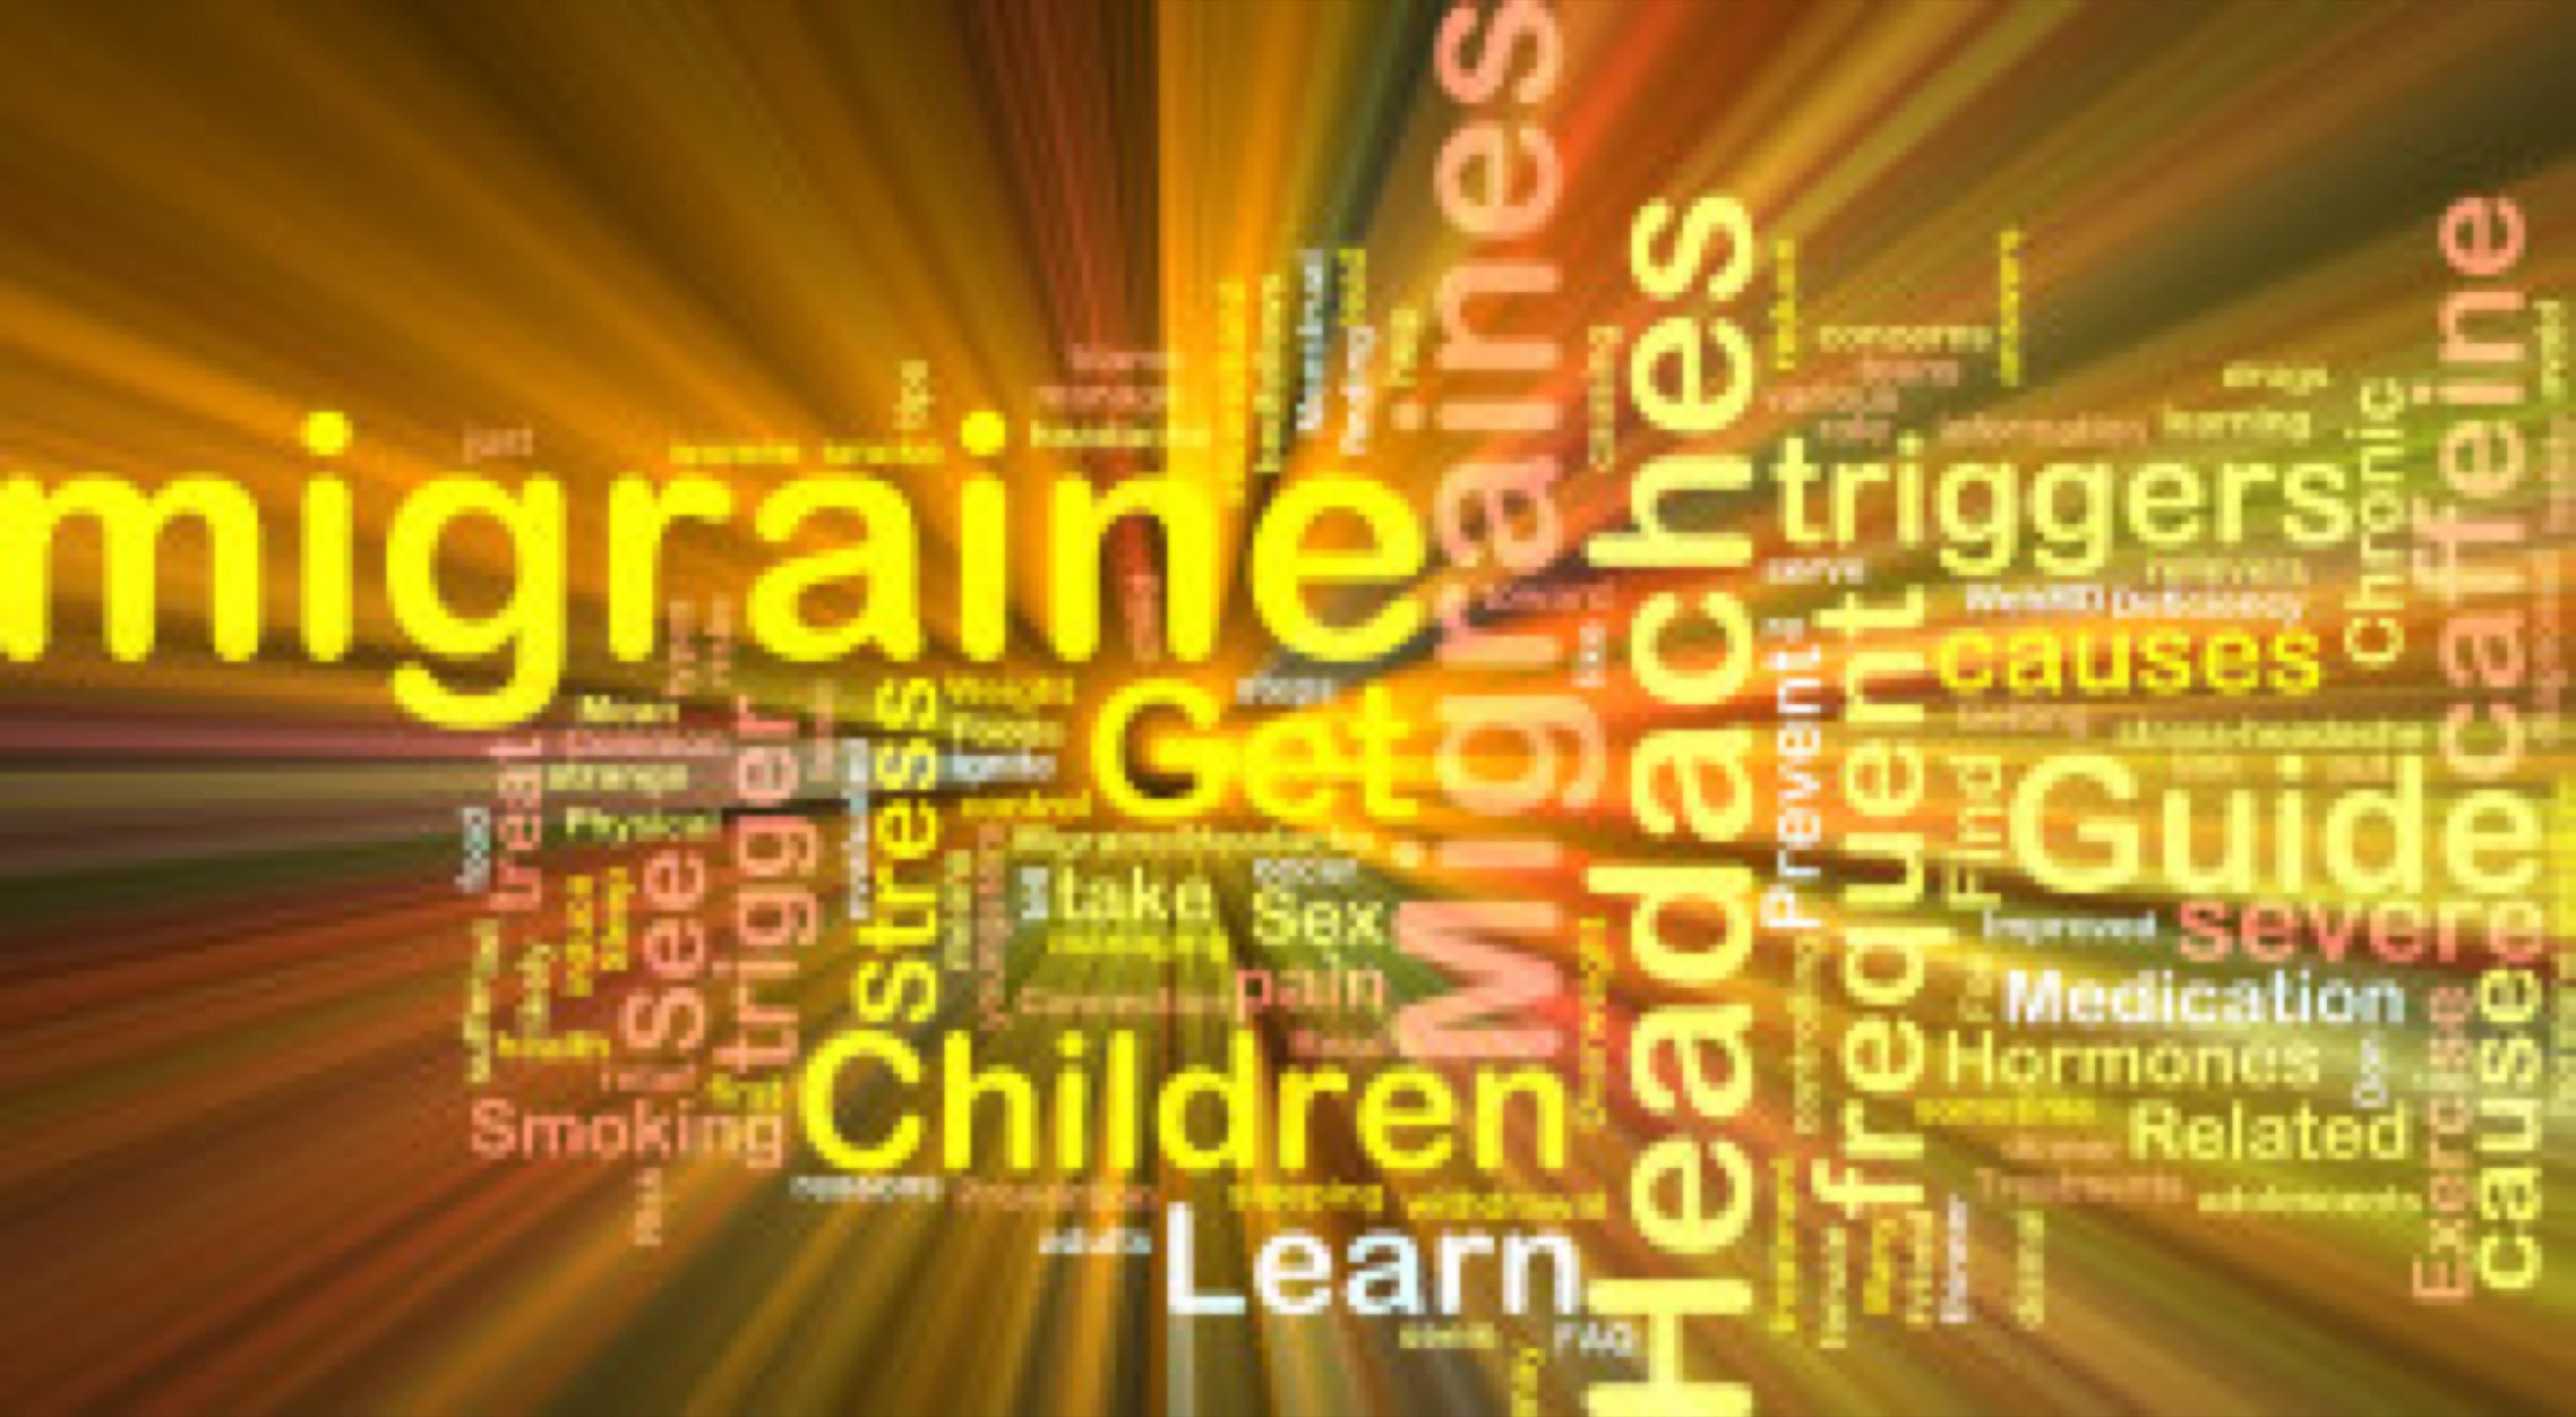 Migraine word cloud glowing